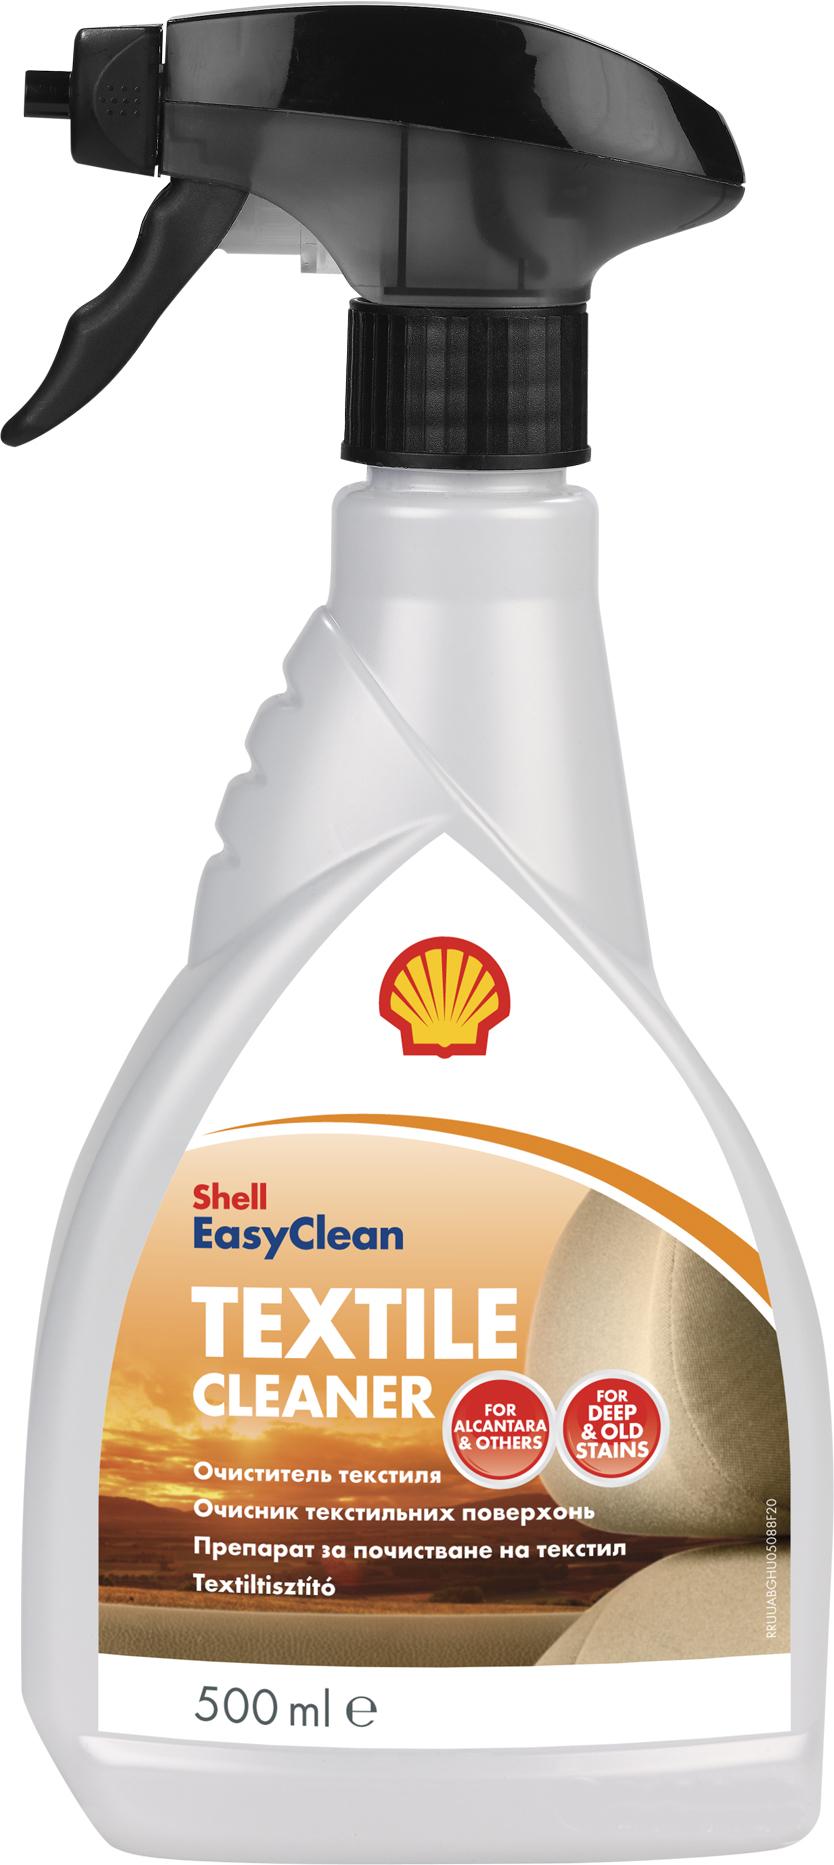 Shell Textile Сleaner Средство по уходу за тканевыми поверхностями салона